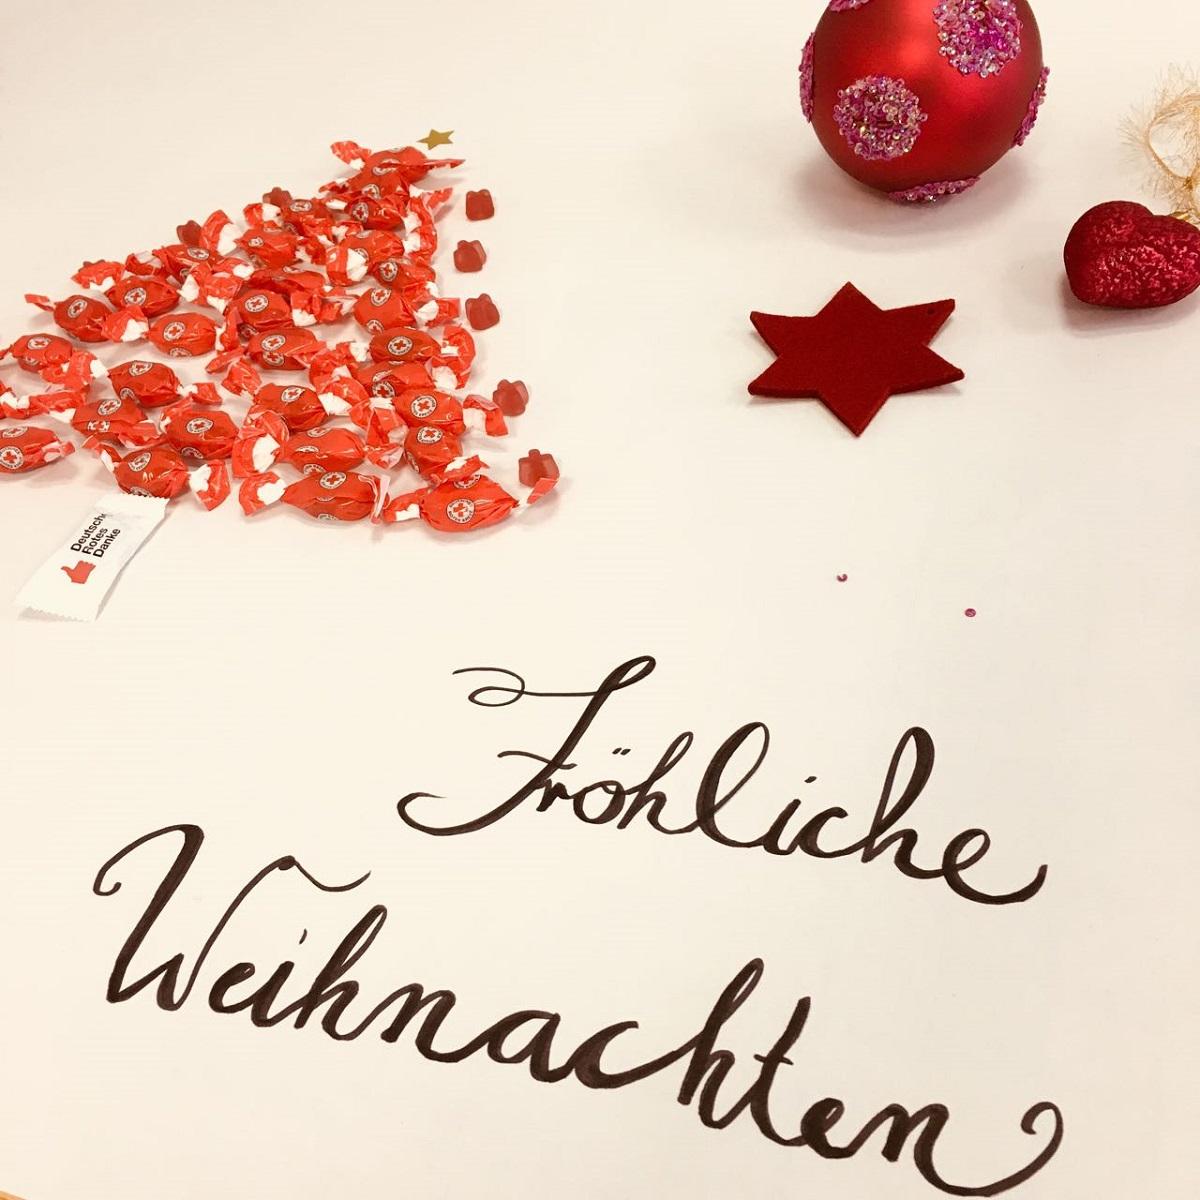 In Diesem Sinne Frohe Weihnachten.Frohe Weihnachten Drk Odenwaldkreis